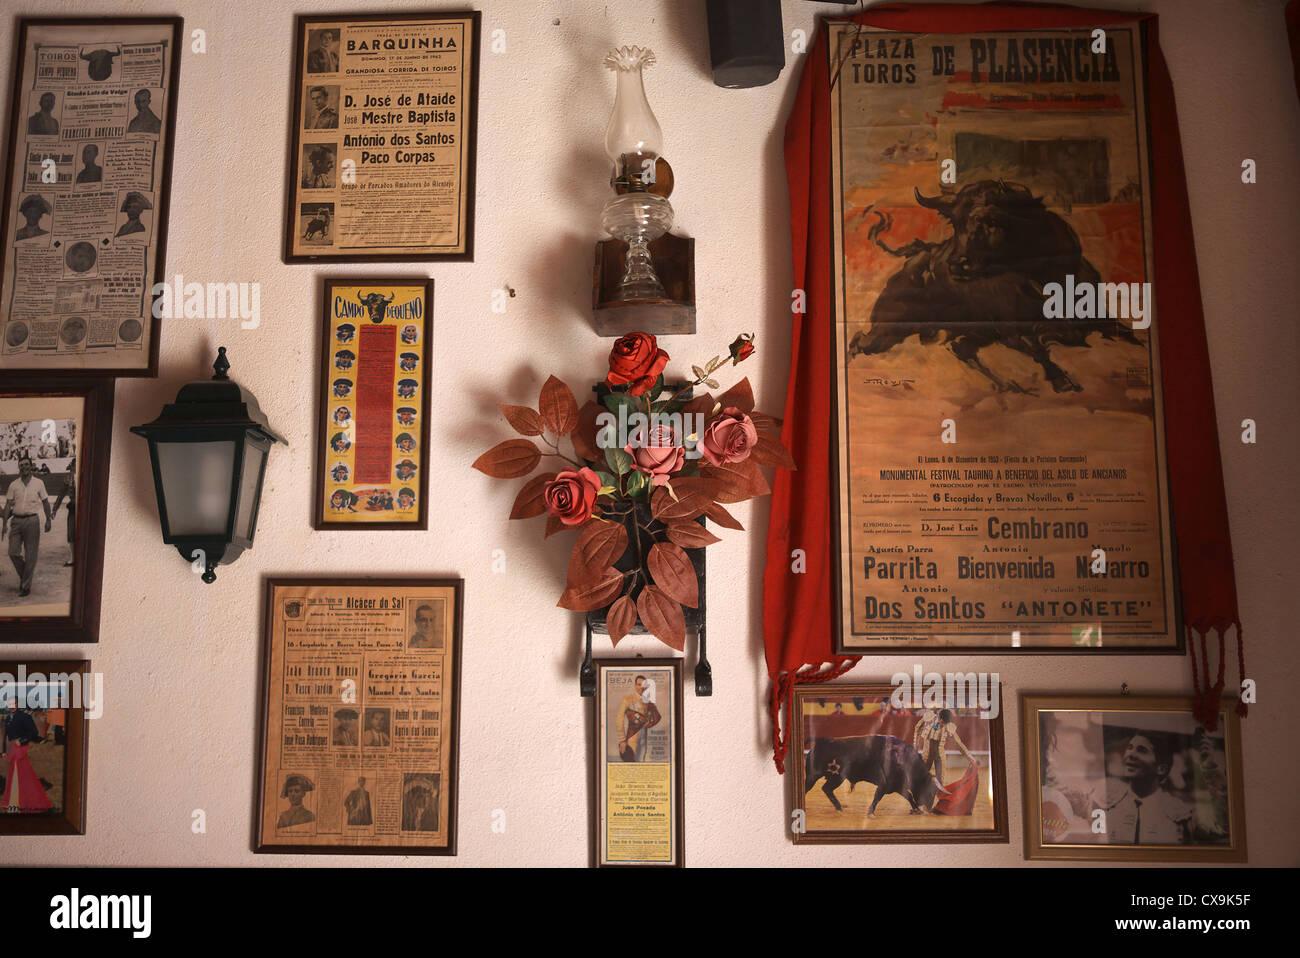 Bull fighting memorabilia inside a taverna in Golega, Portugal. - Stock Image